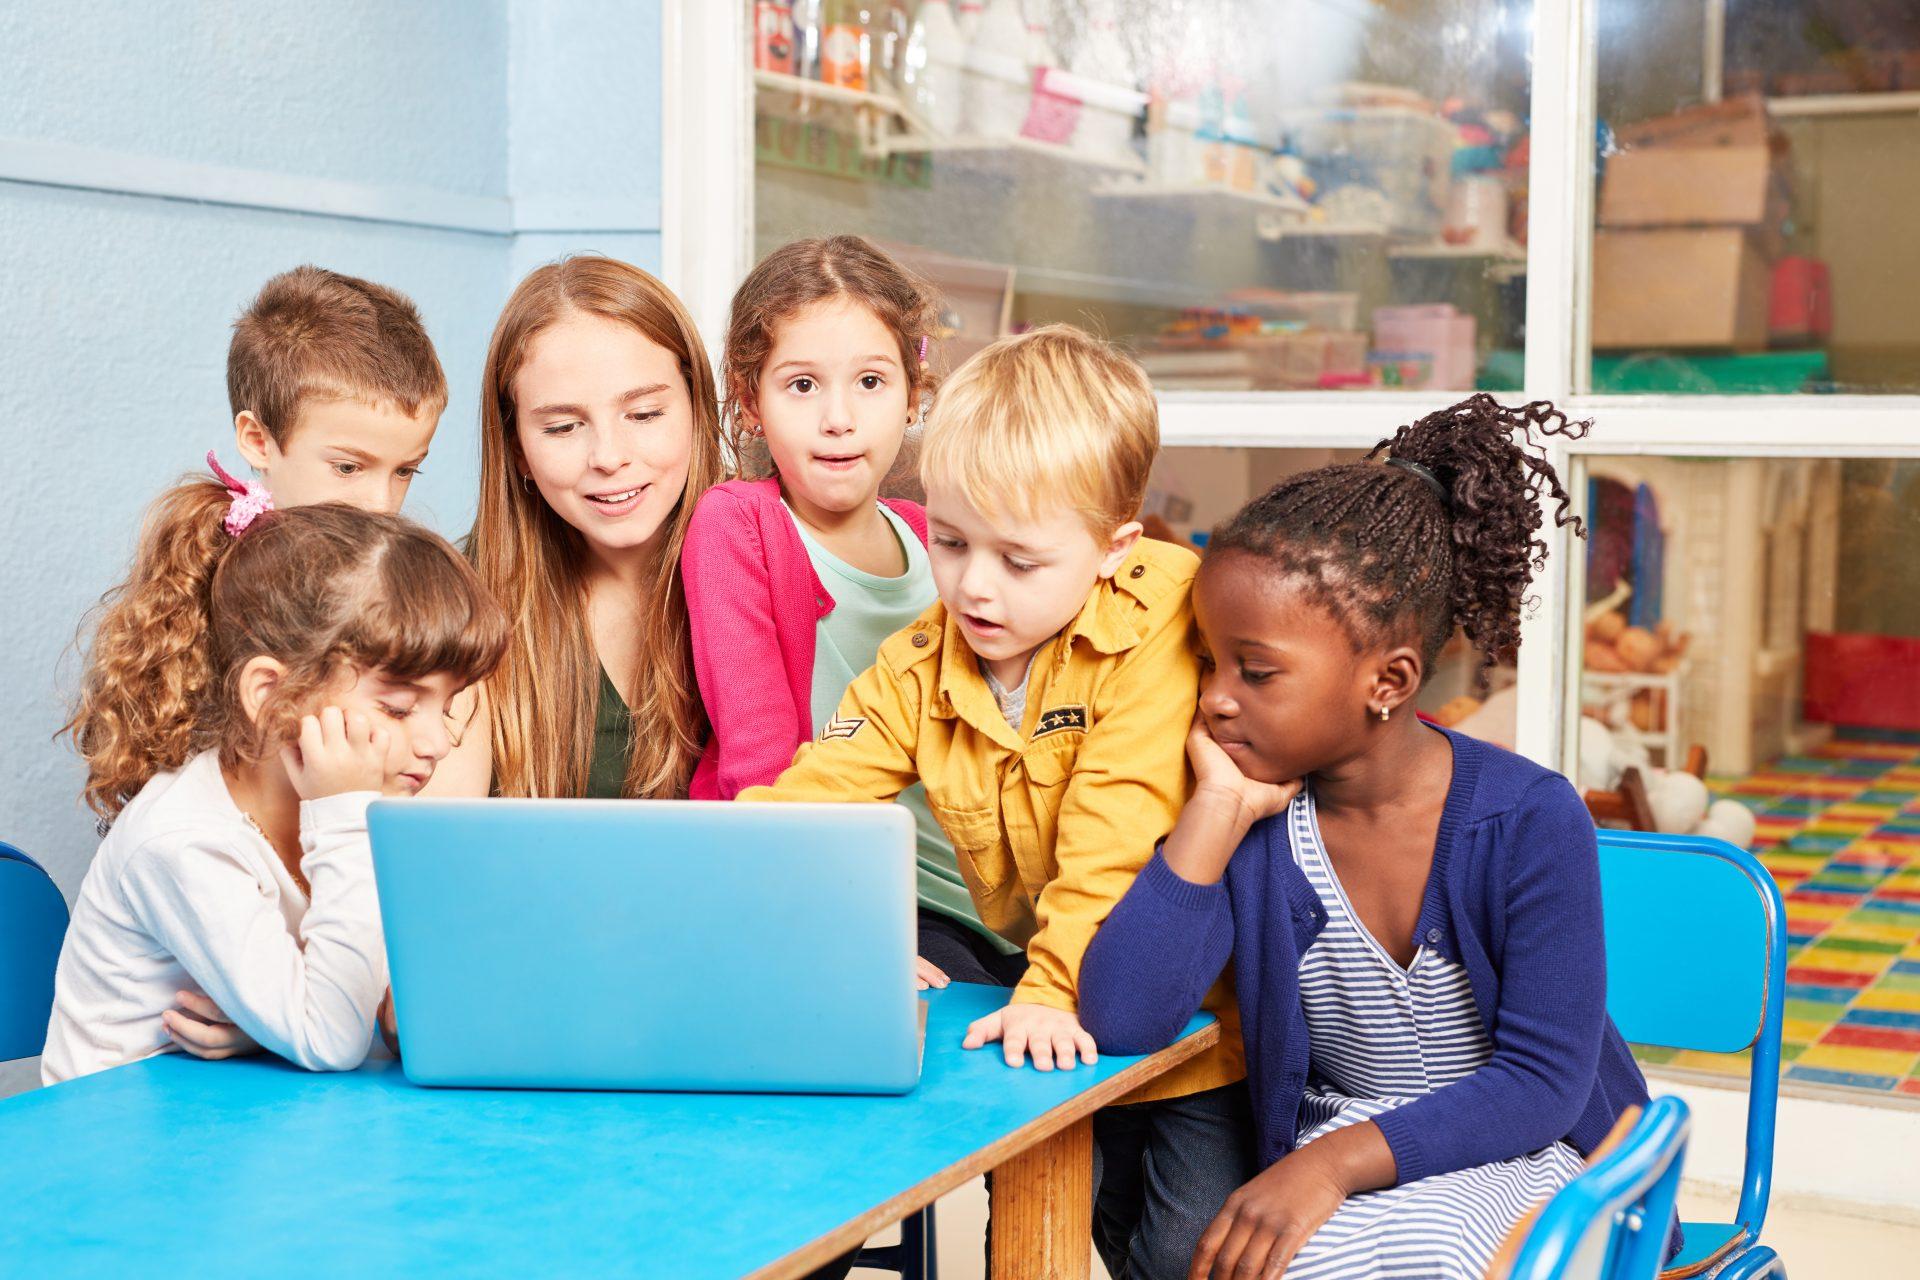 Lapset katsovat jotain yhdessä tietokoneelta.